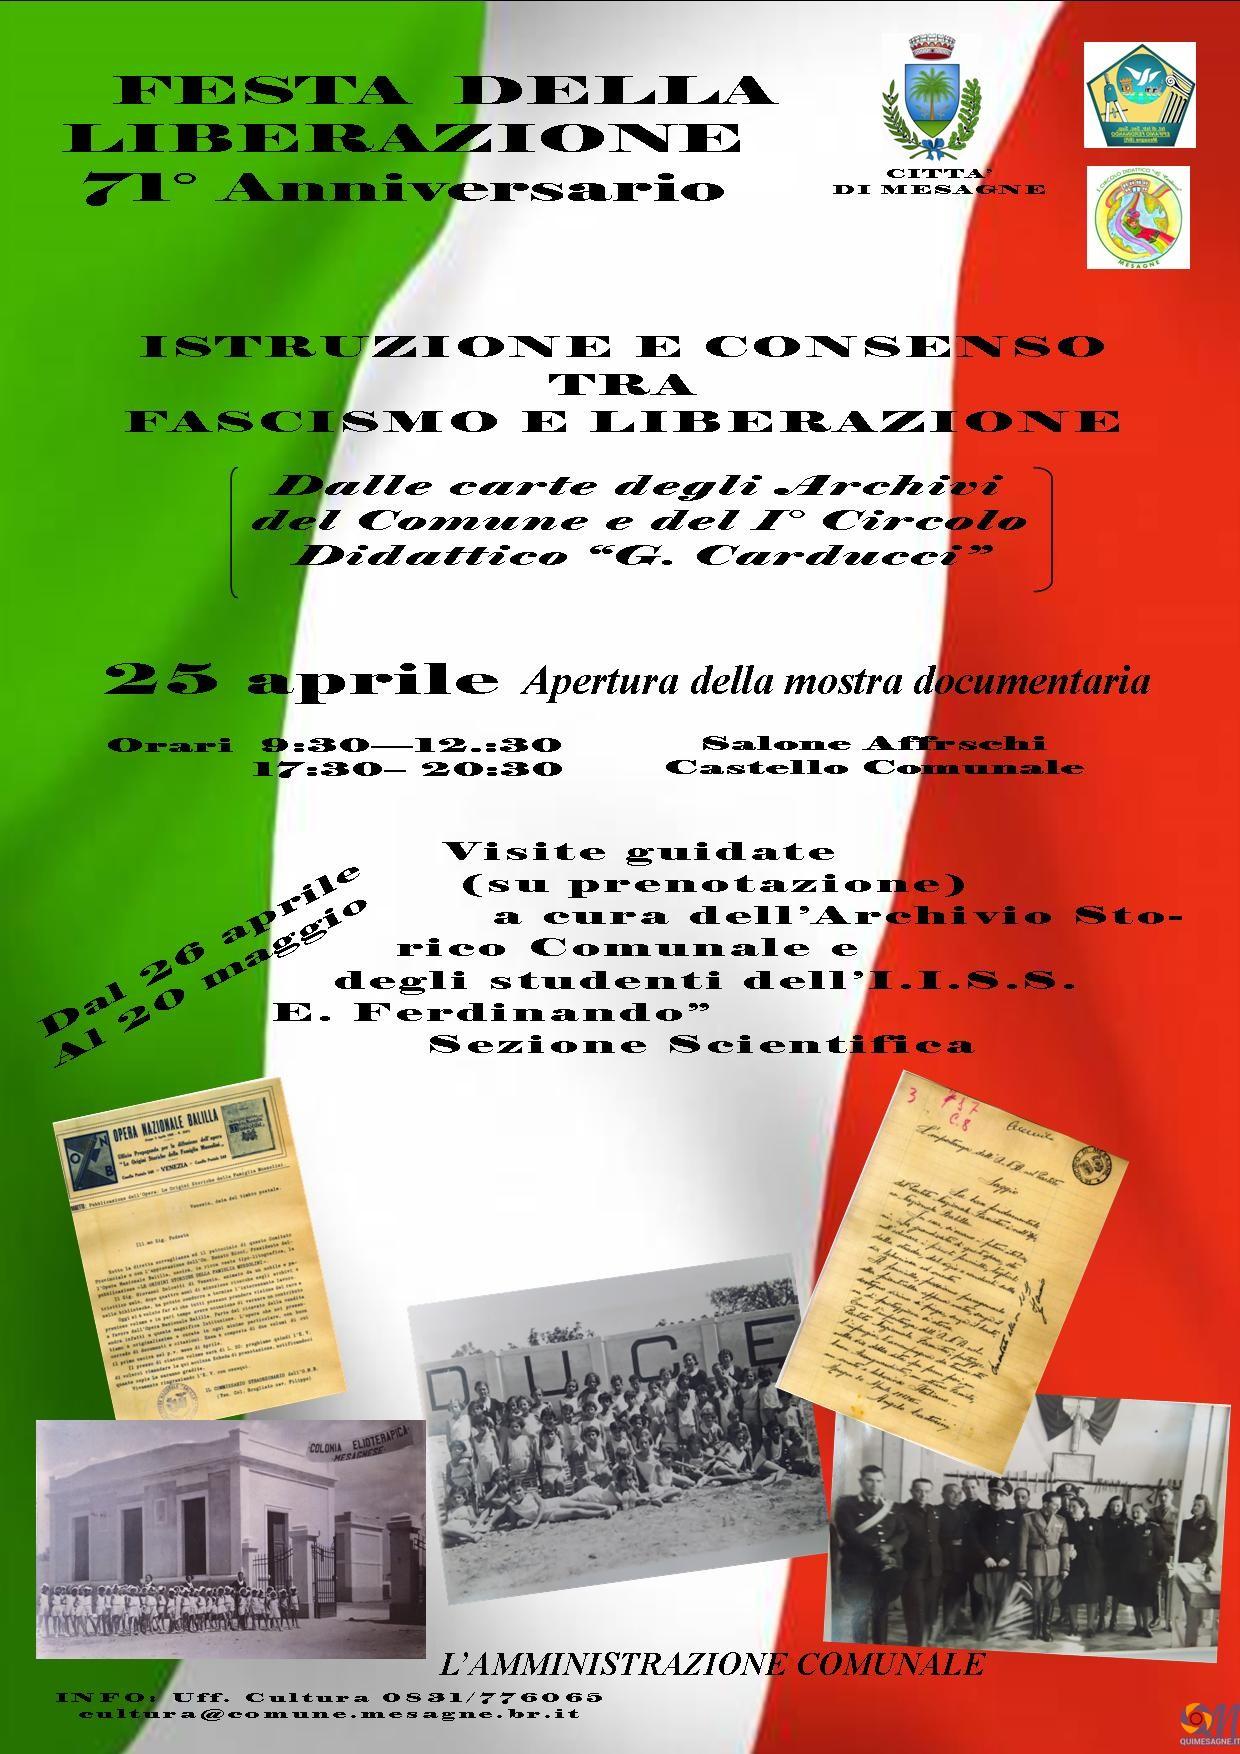 25 Aprile, Mostra storica con il contributo delle scuole mesagnesi